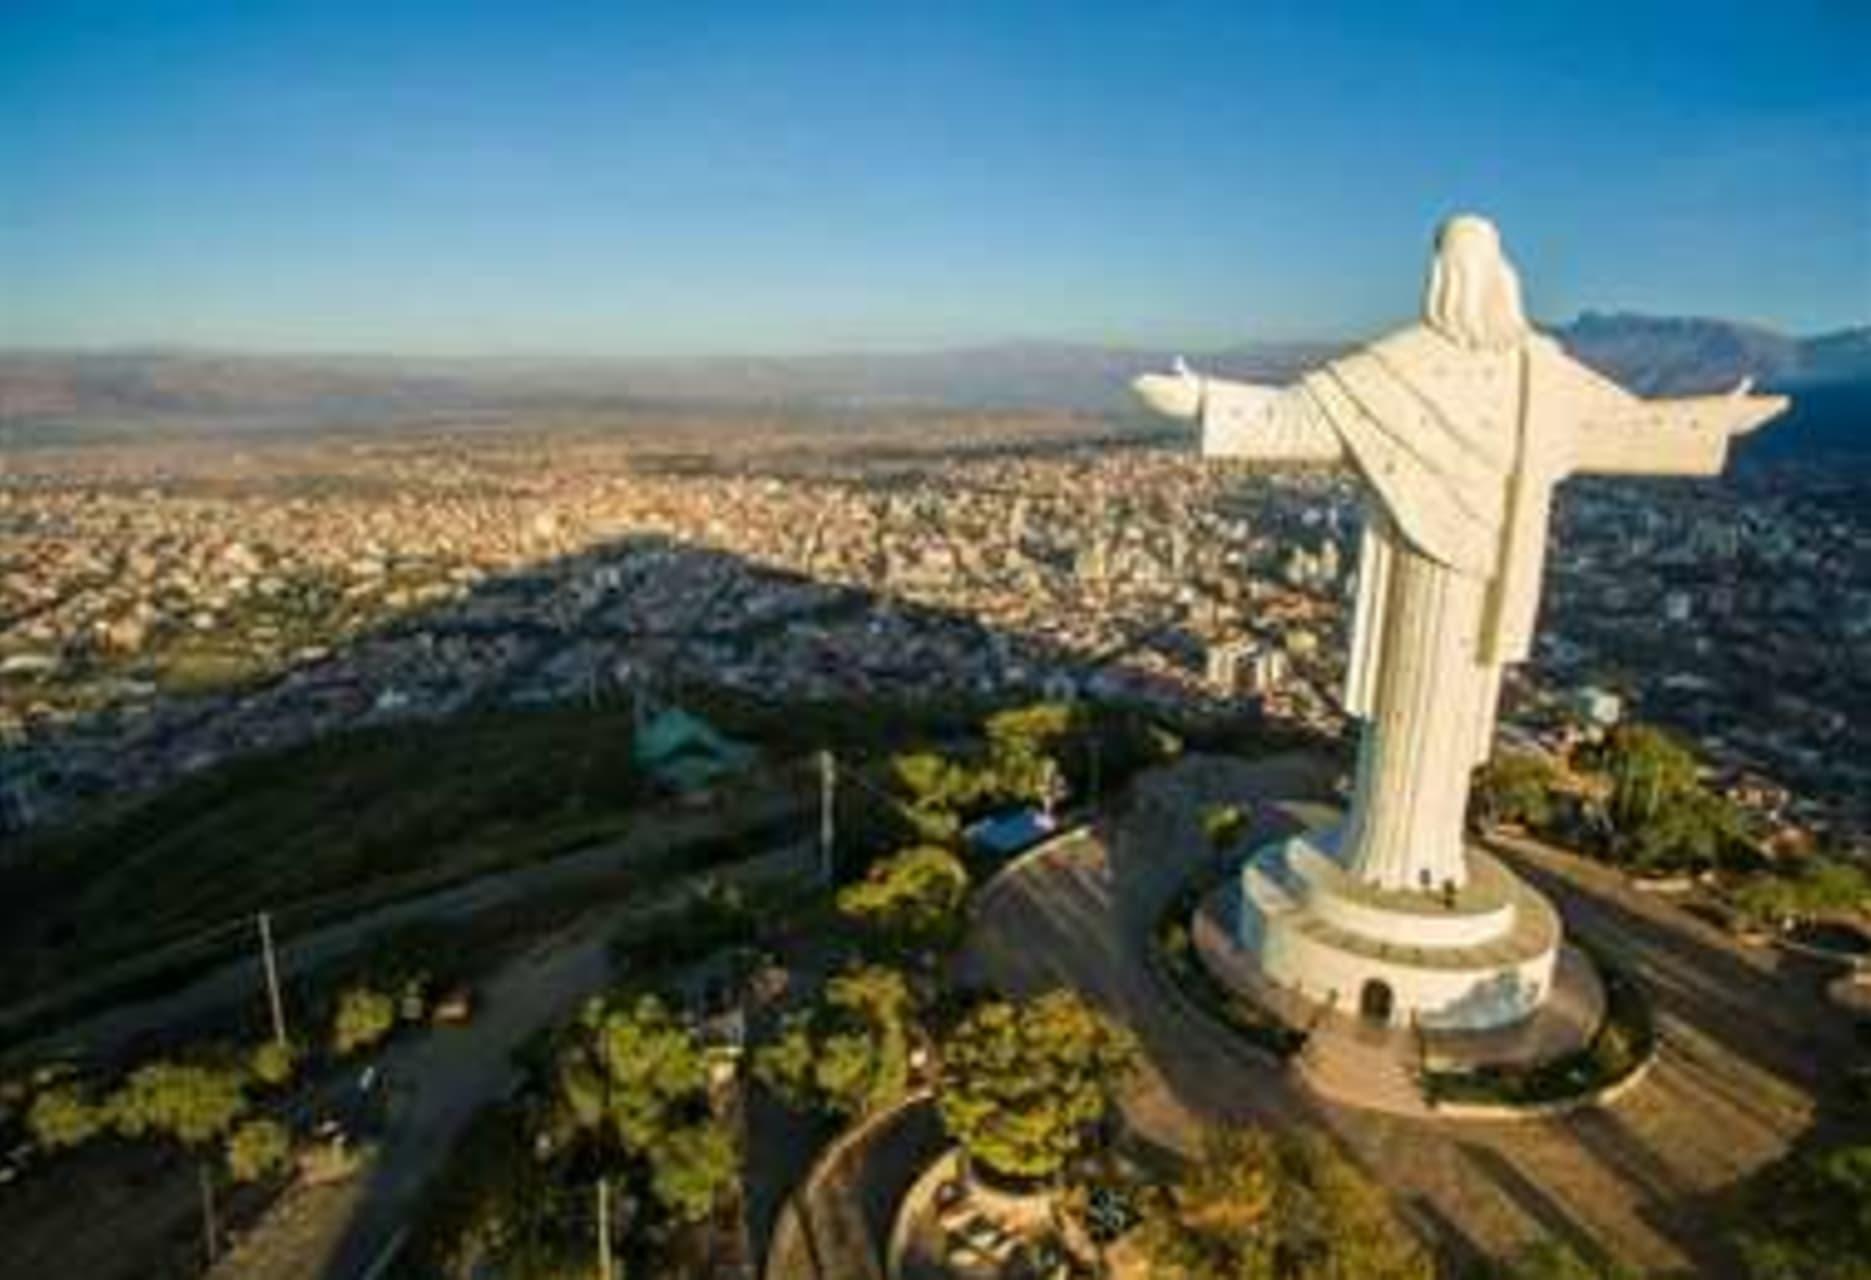 Cochabamba - Cochabamba: the Garden City of Bolivia